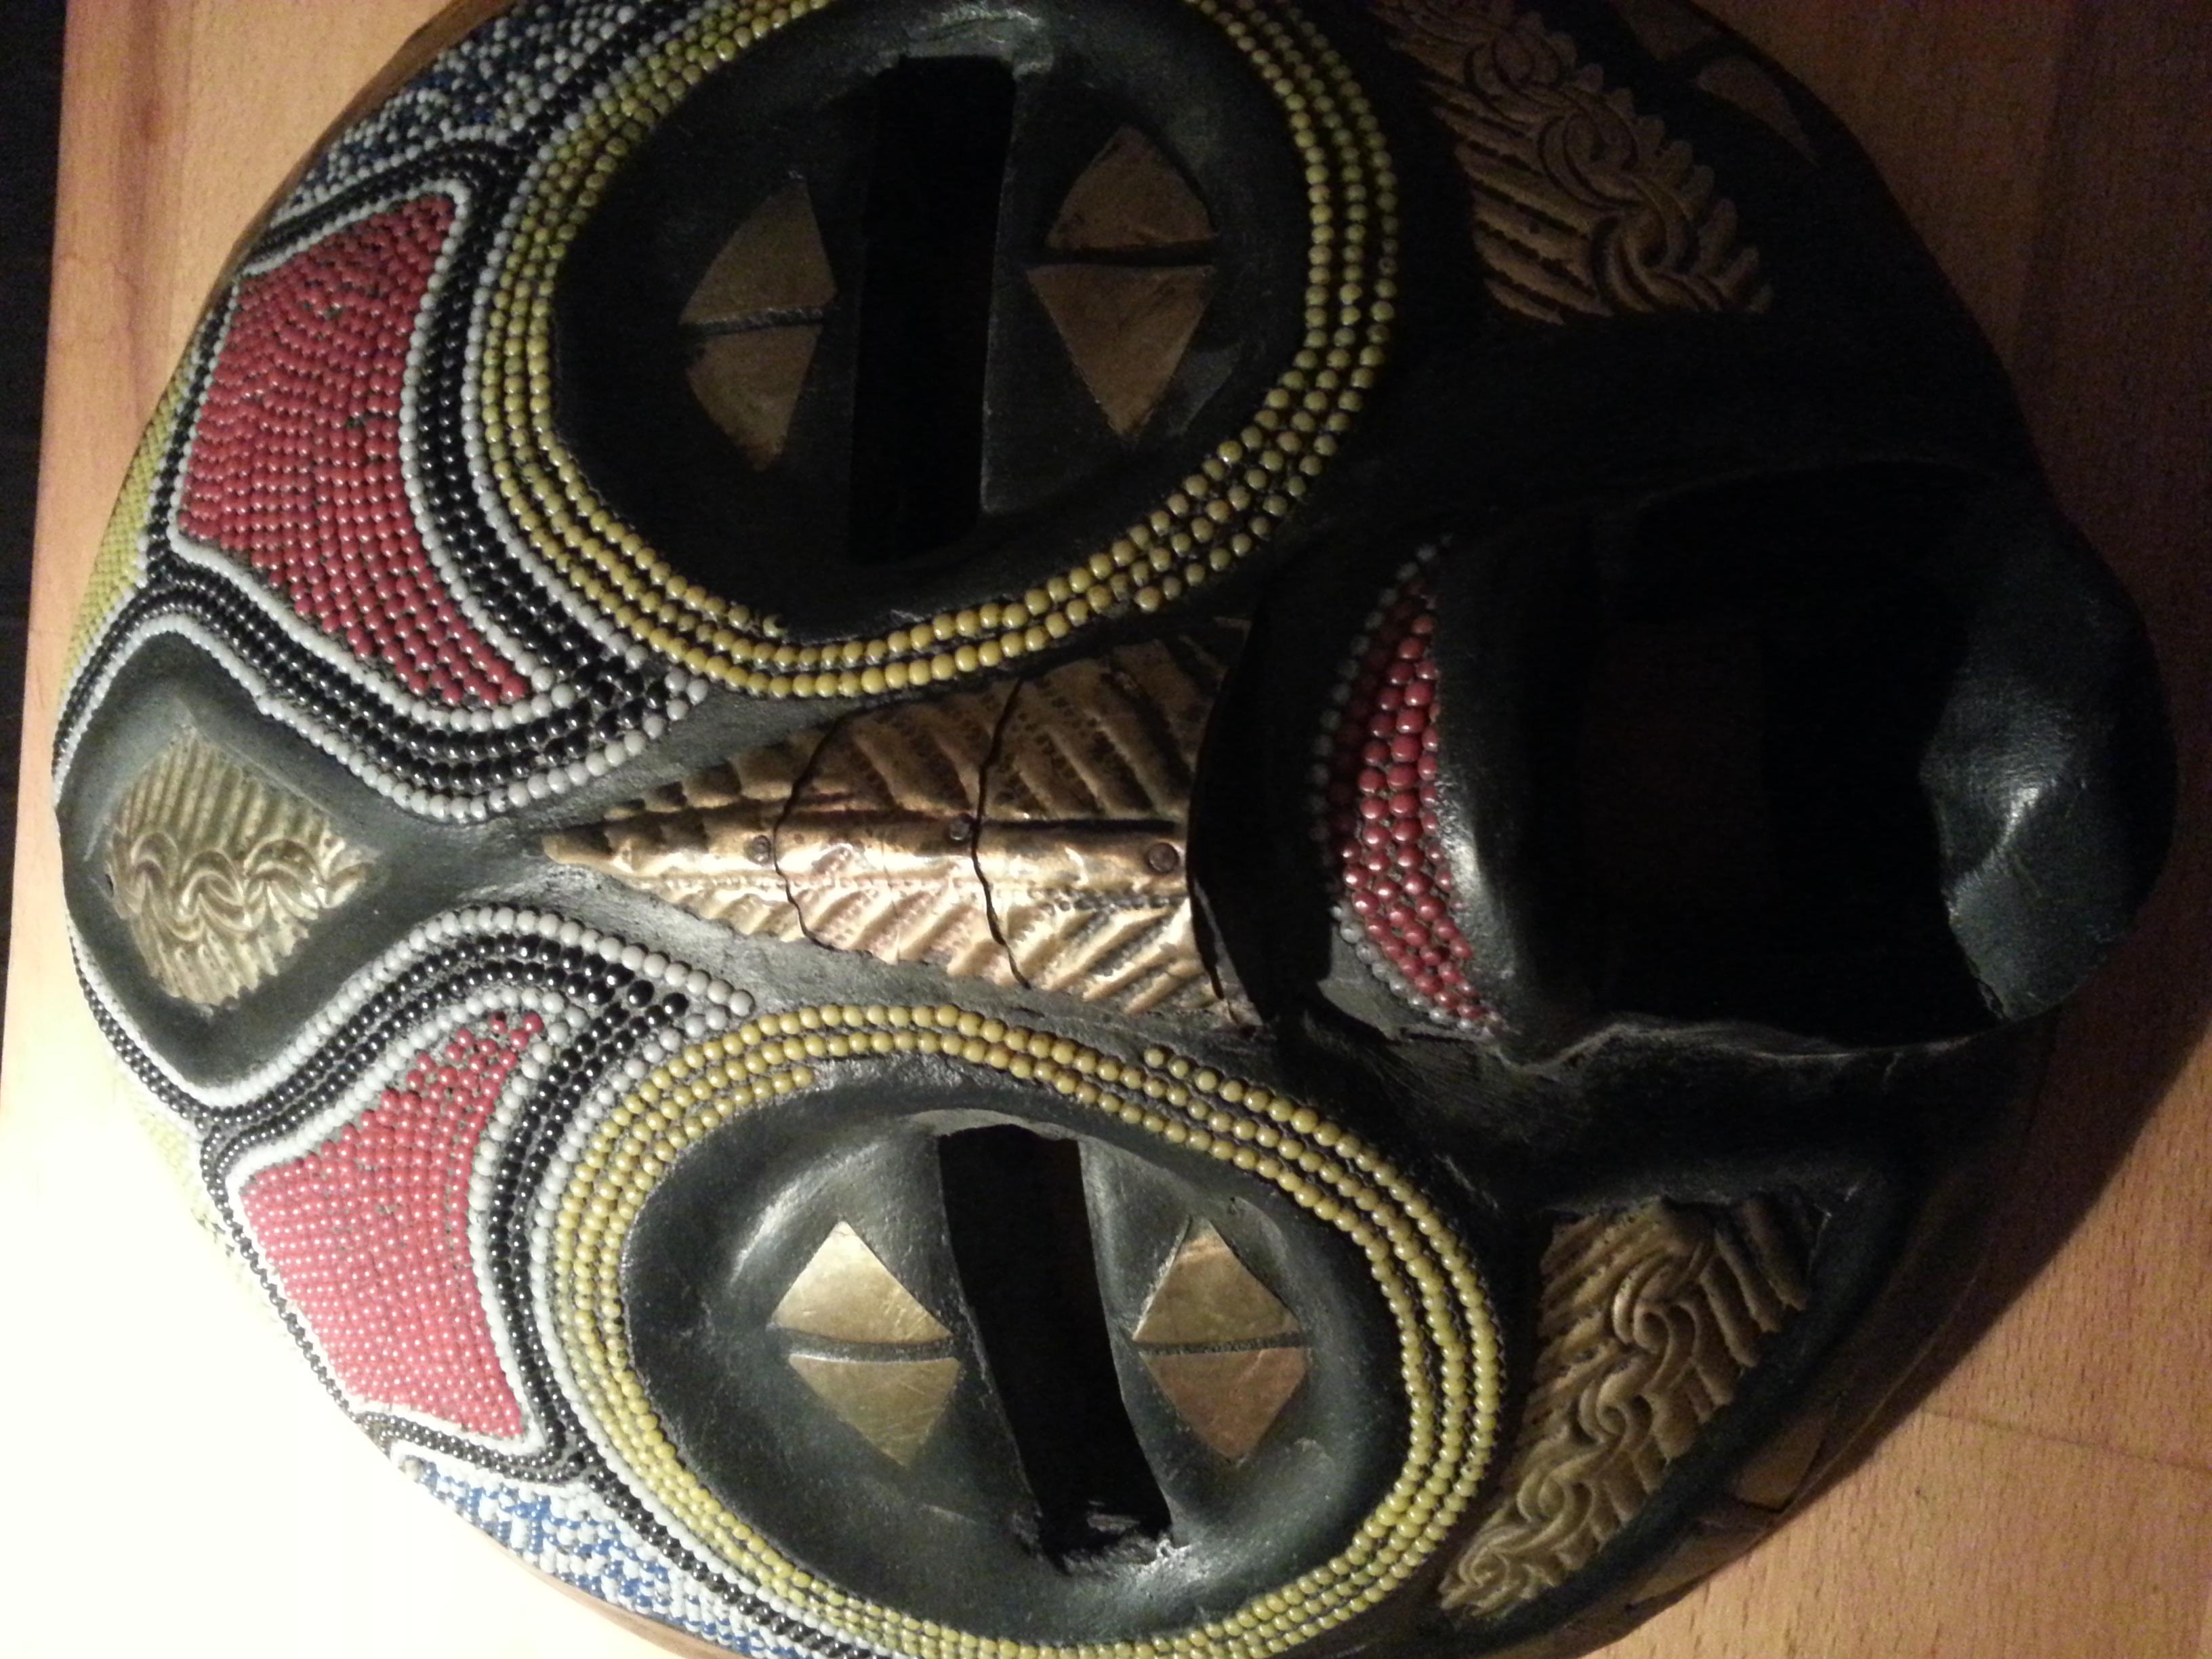 afrikanische masken mondoblogo afrikanische masken. Black Bedroom Furniture Sets. Home Design Ideas